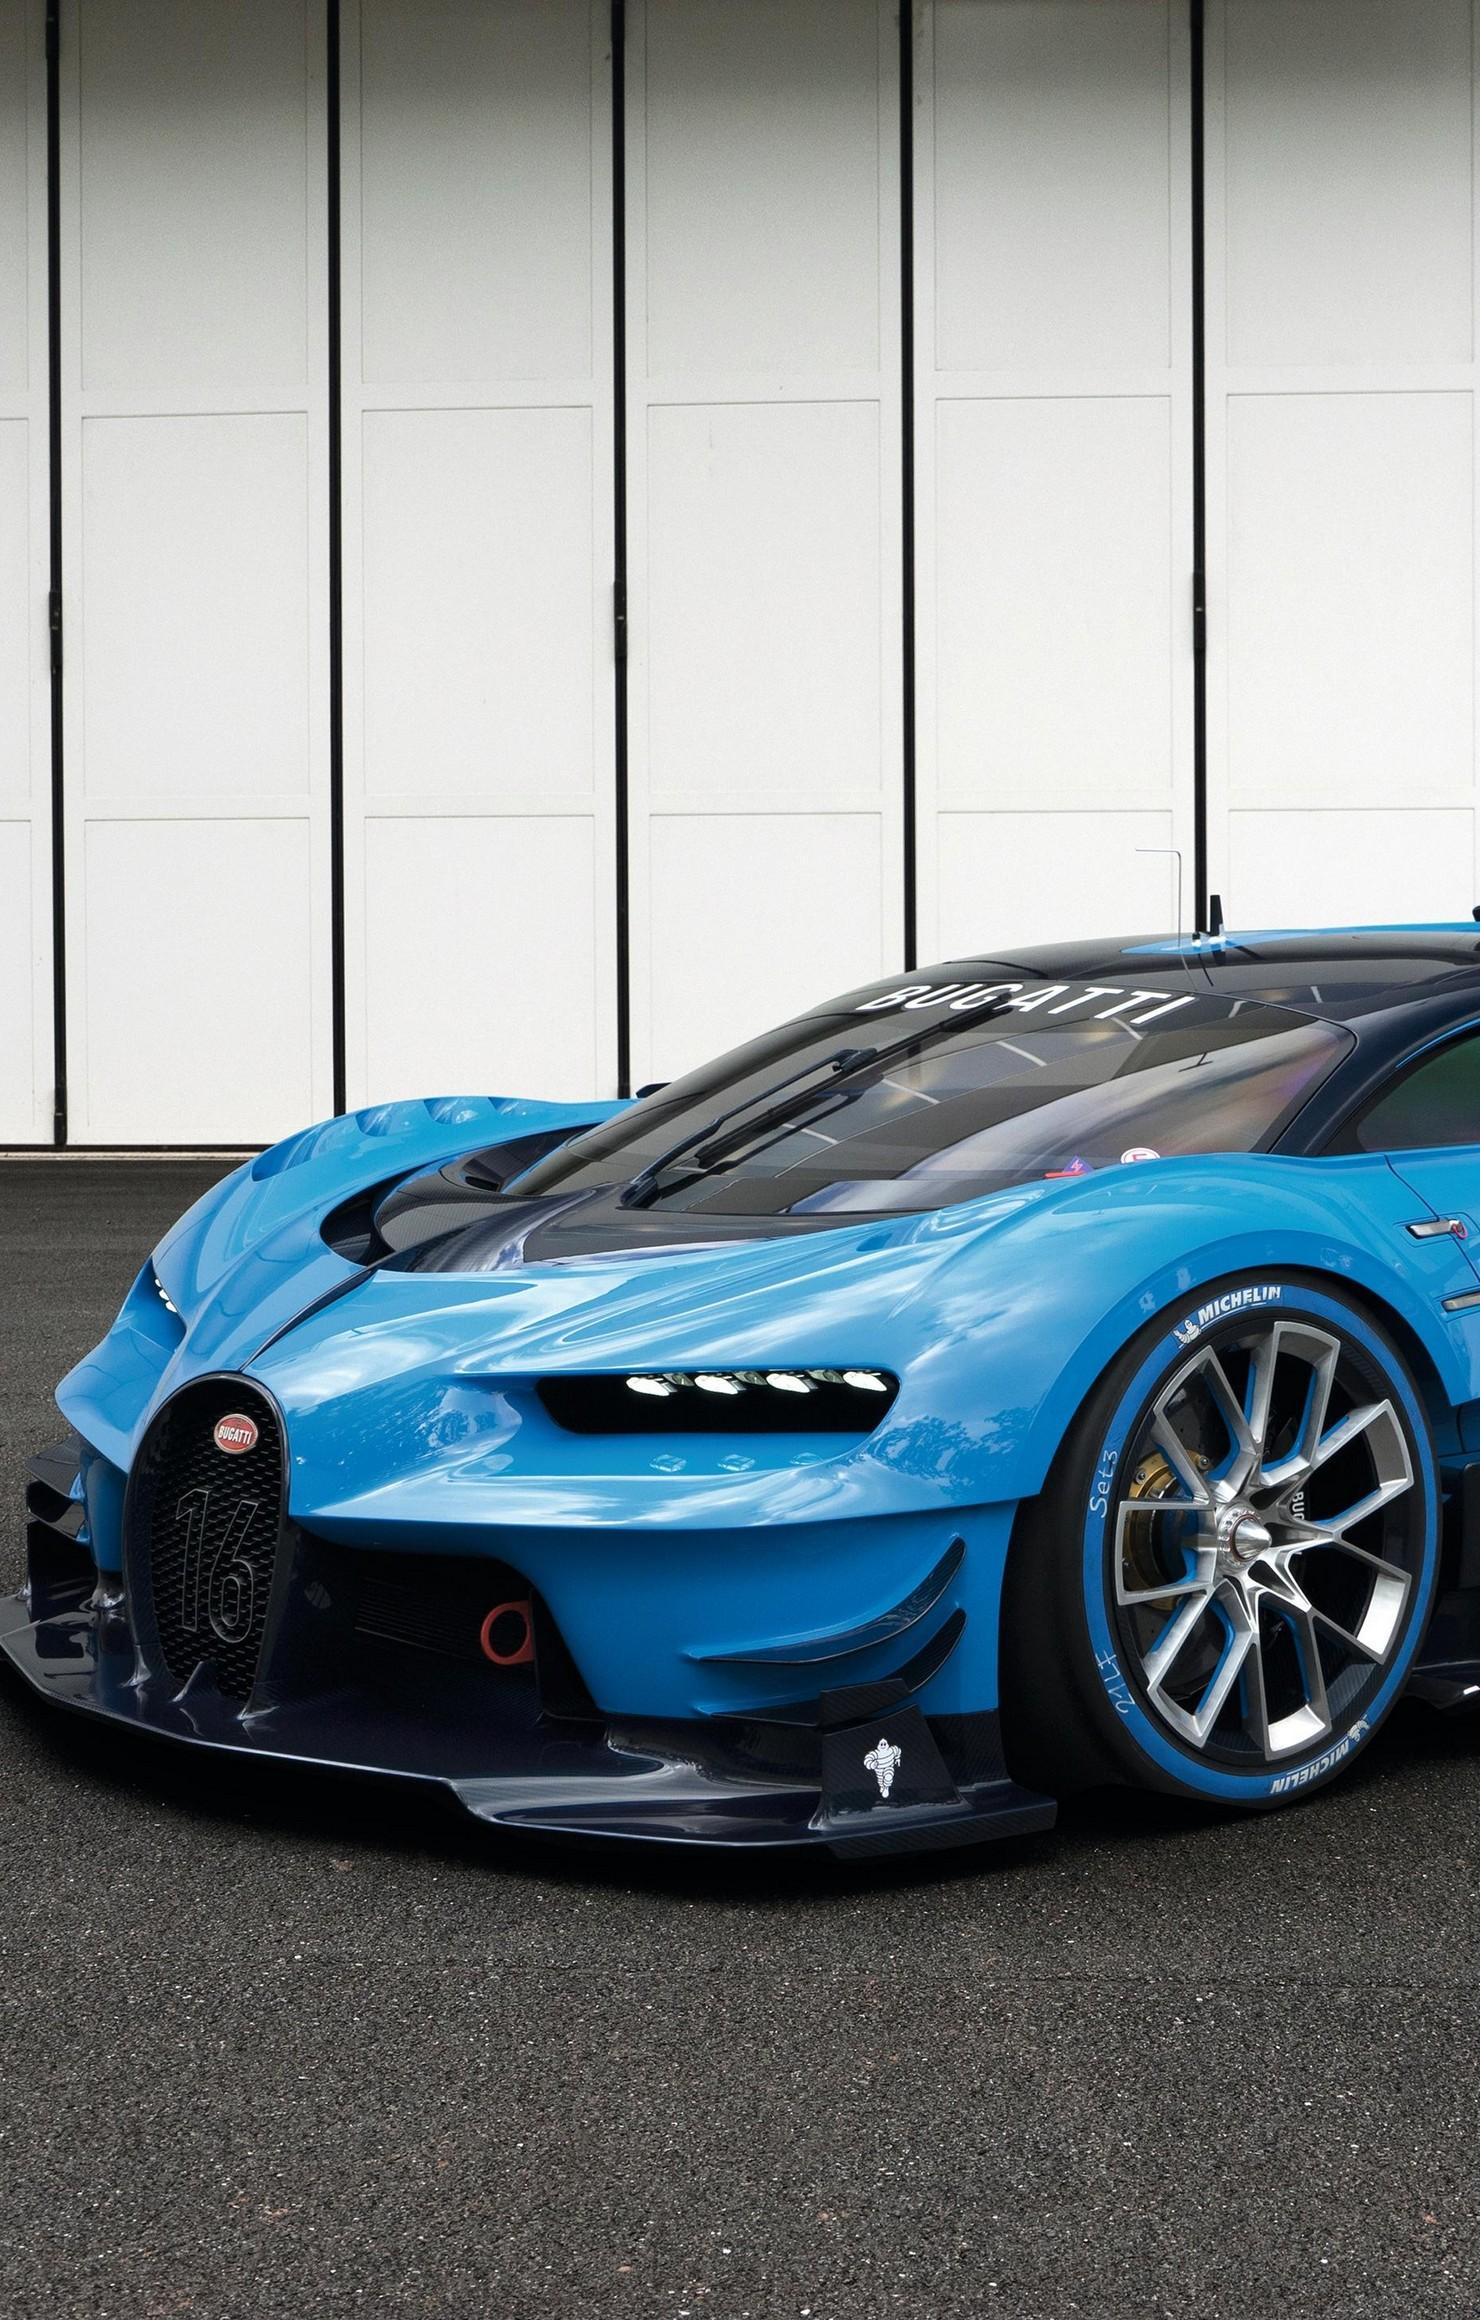 sportcar bugatti vision chiron gran turismo retina 1480x2320